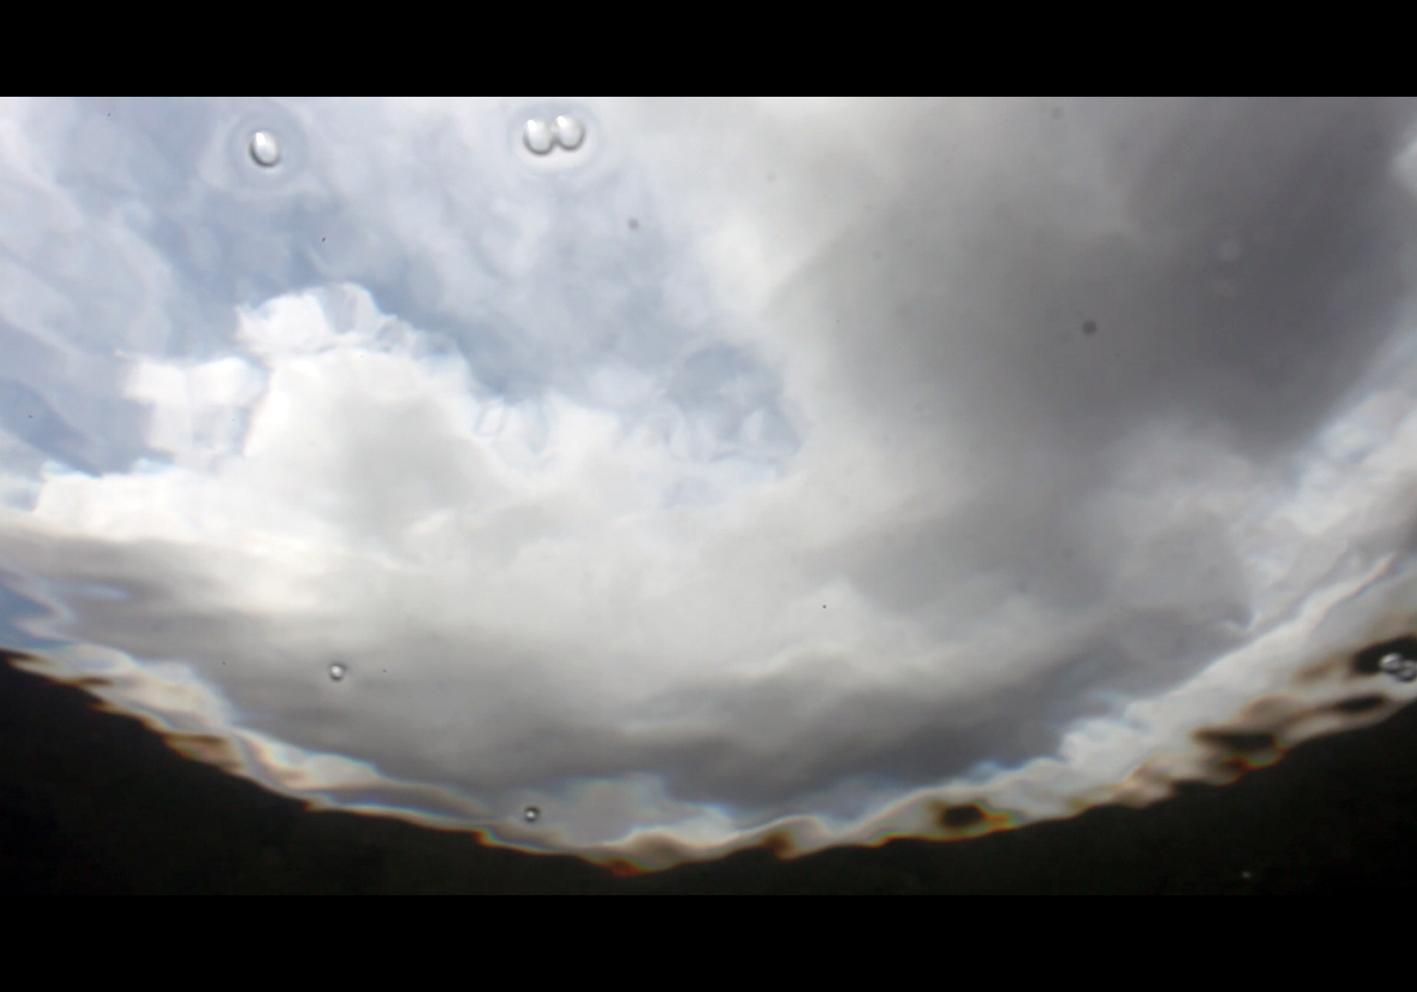 Moon Sky Water Lens.jpg